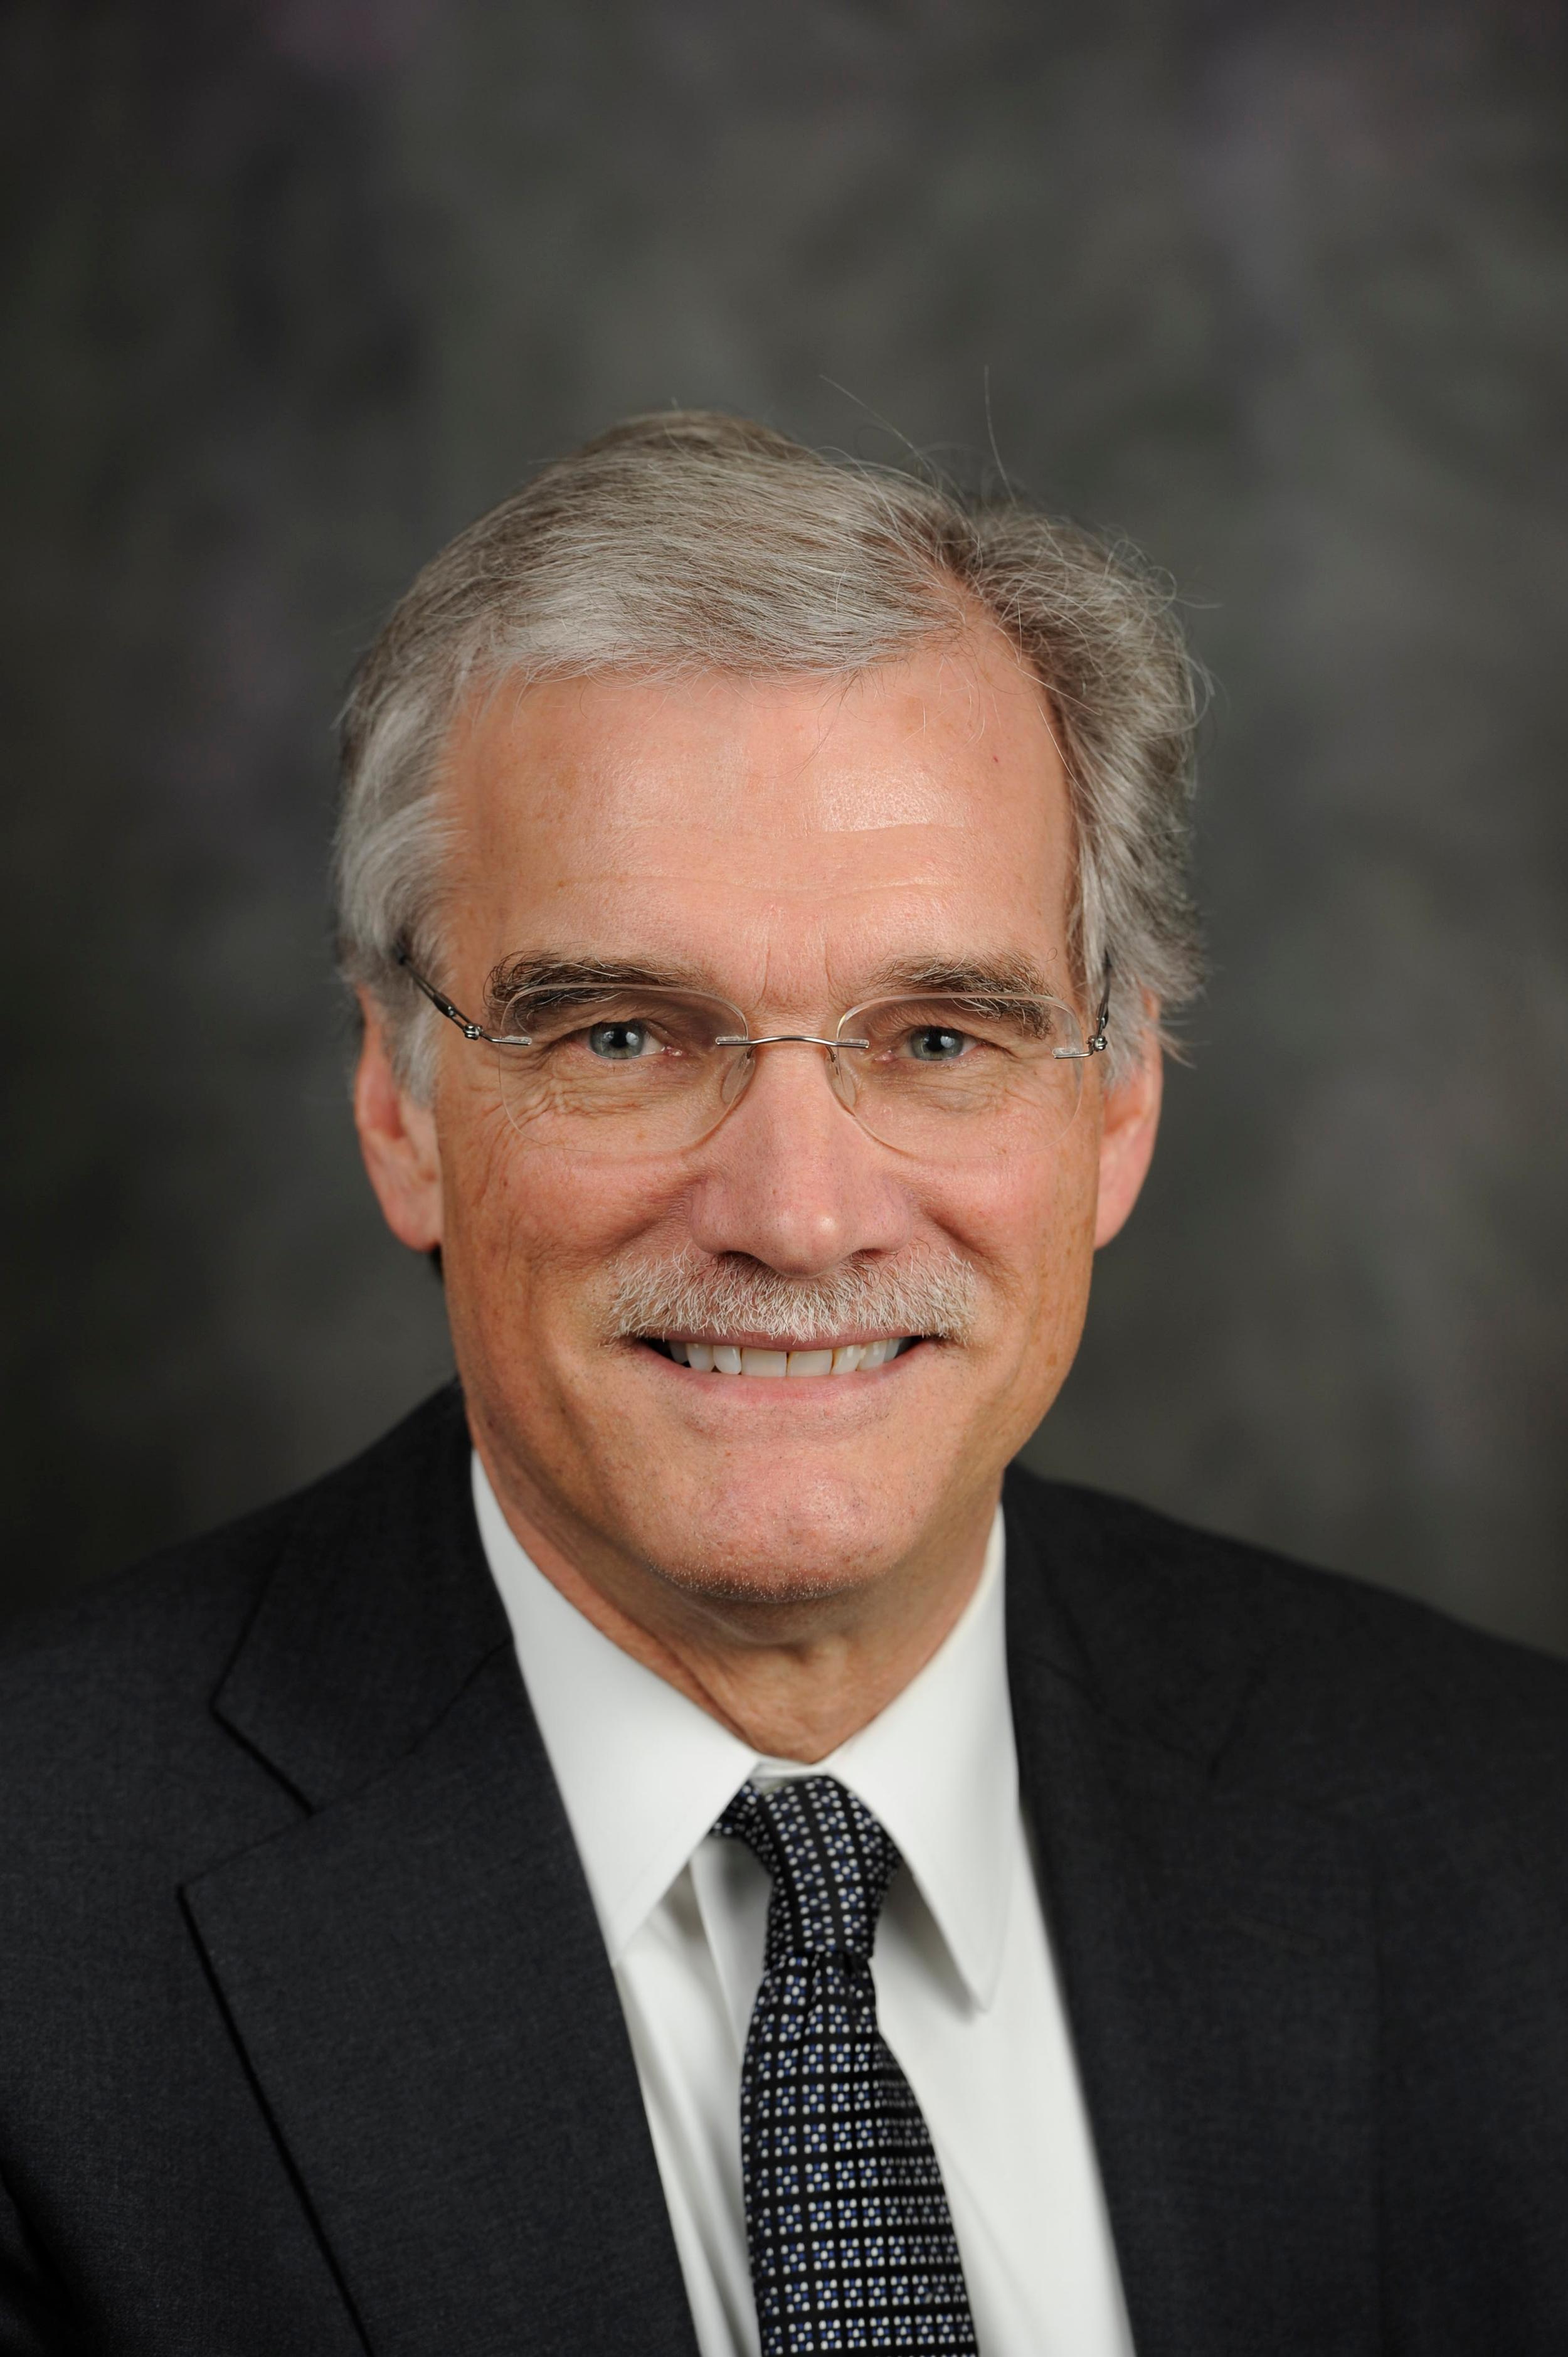 Robert M. Groves, PH.D.